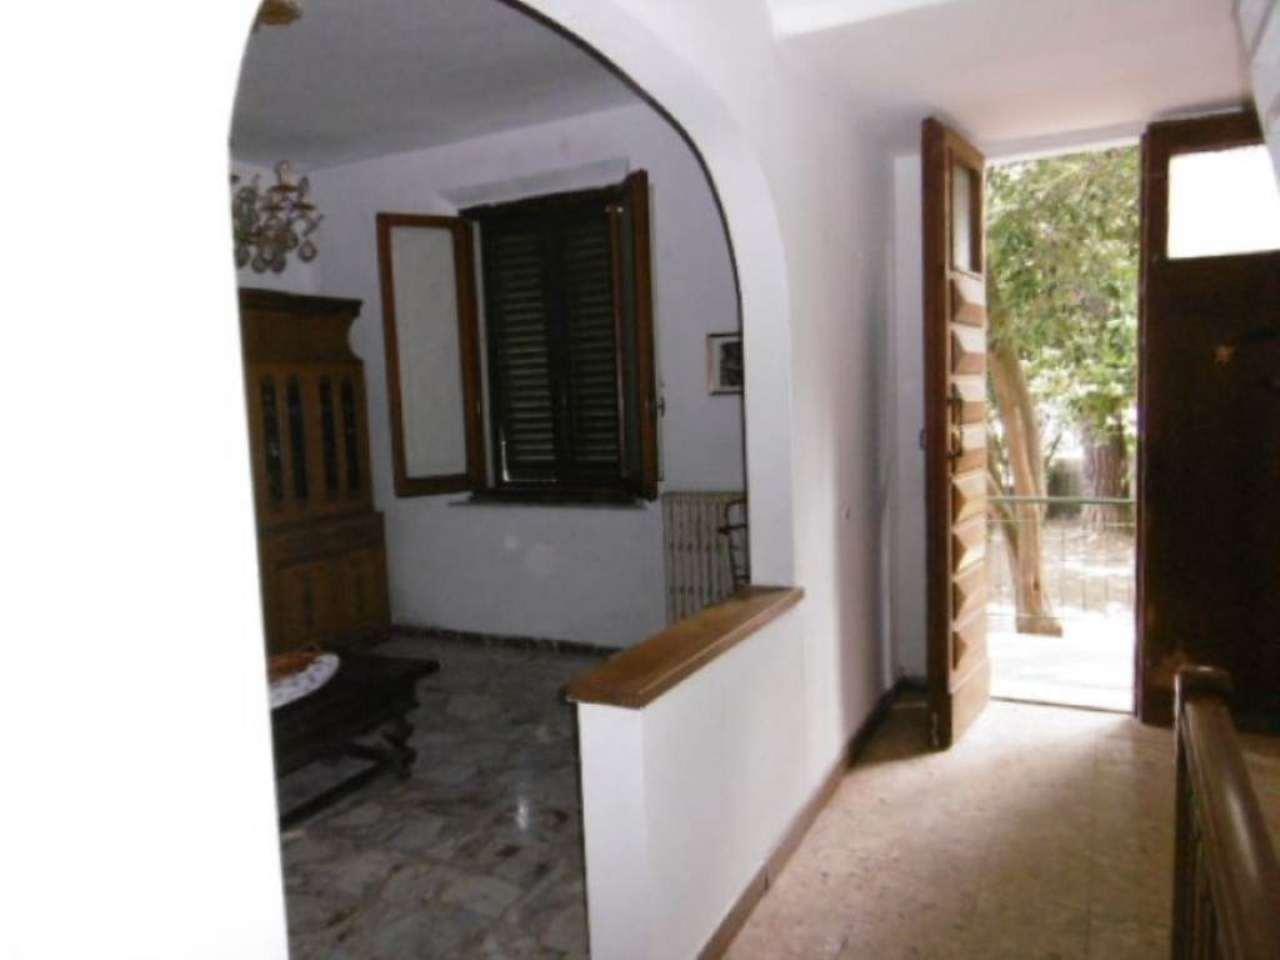 Palazzo / Stabile in vendita a Empoli, 5 locali, prezzo € 250.000 | Cambio Casa.it